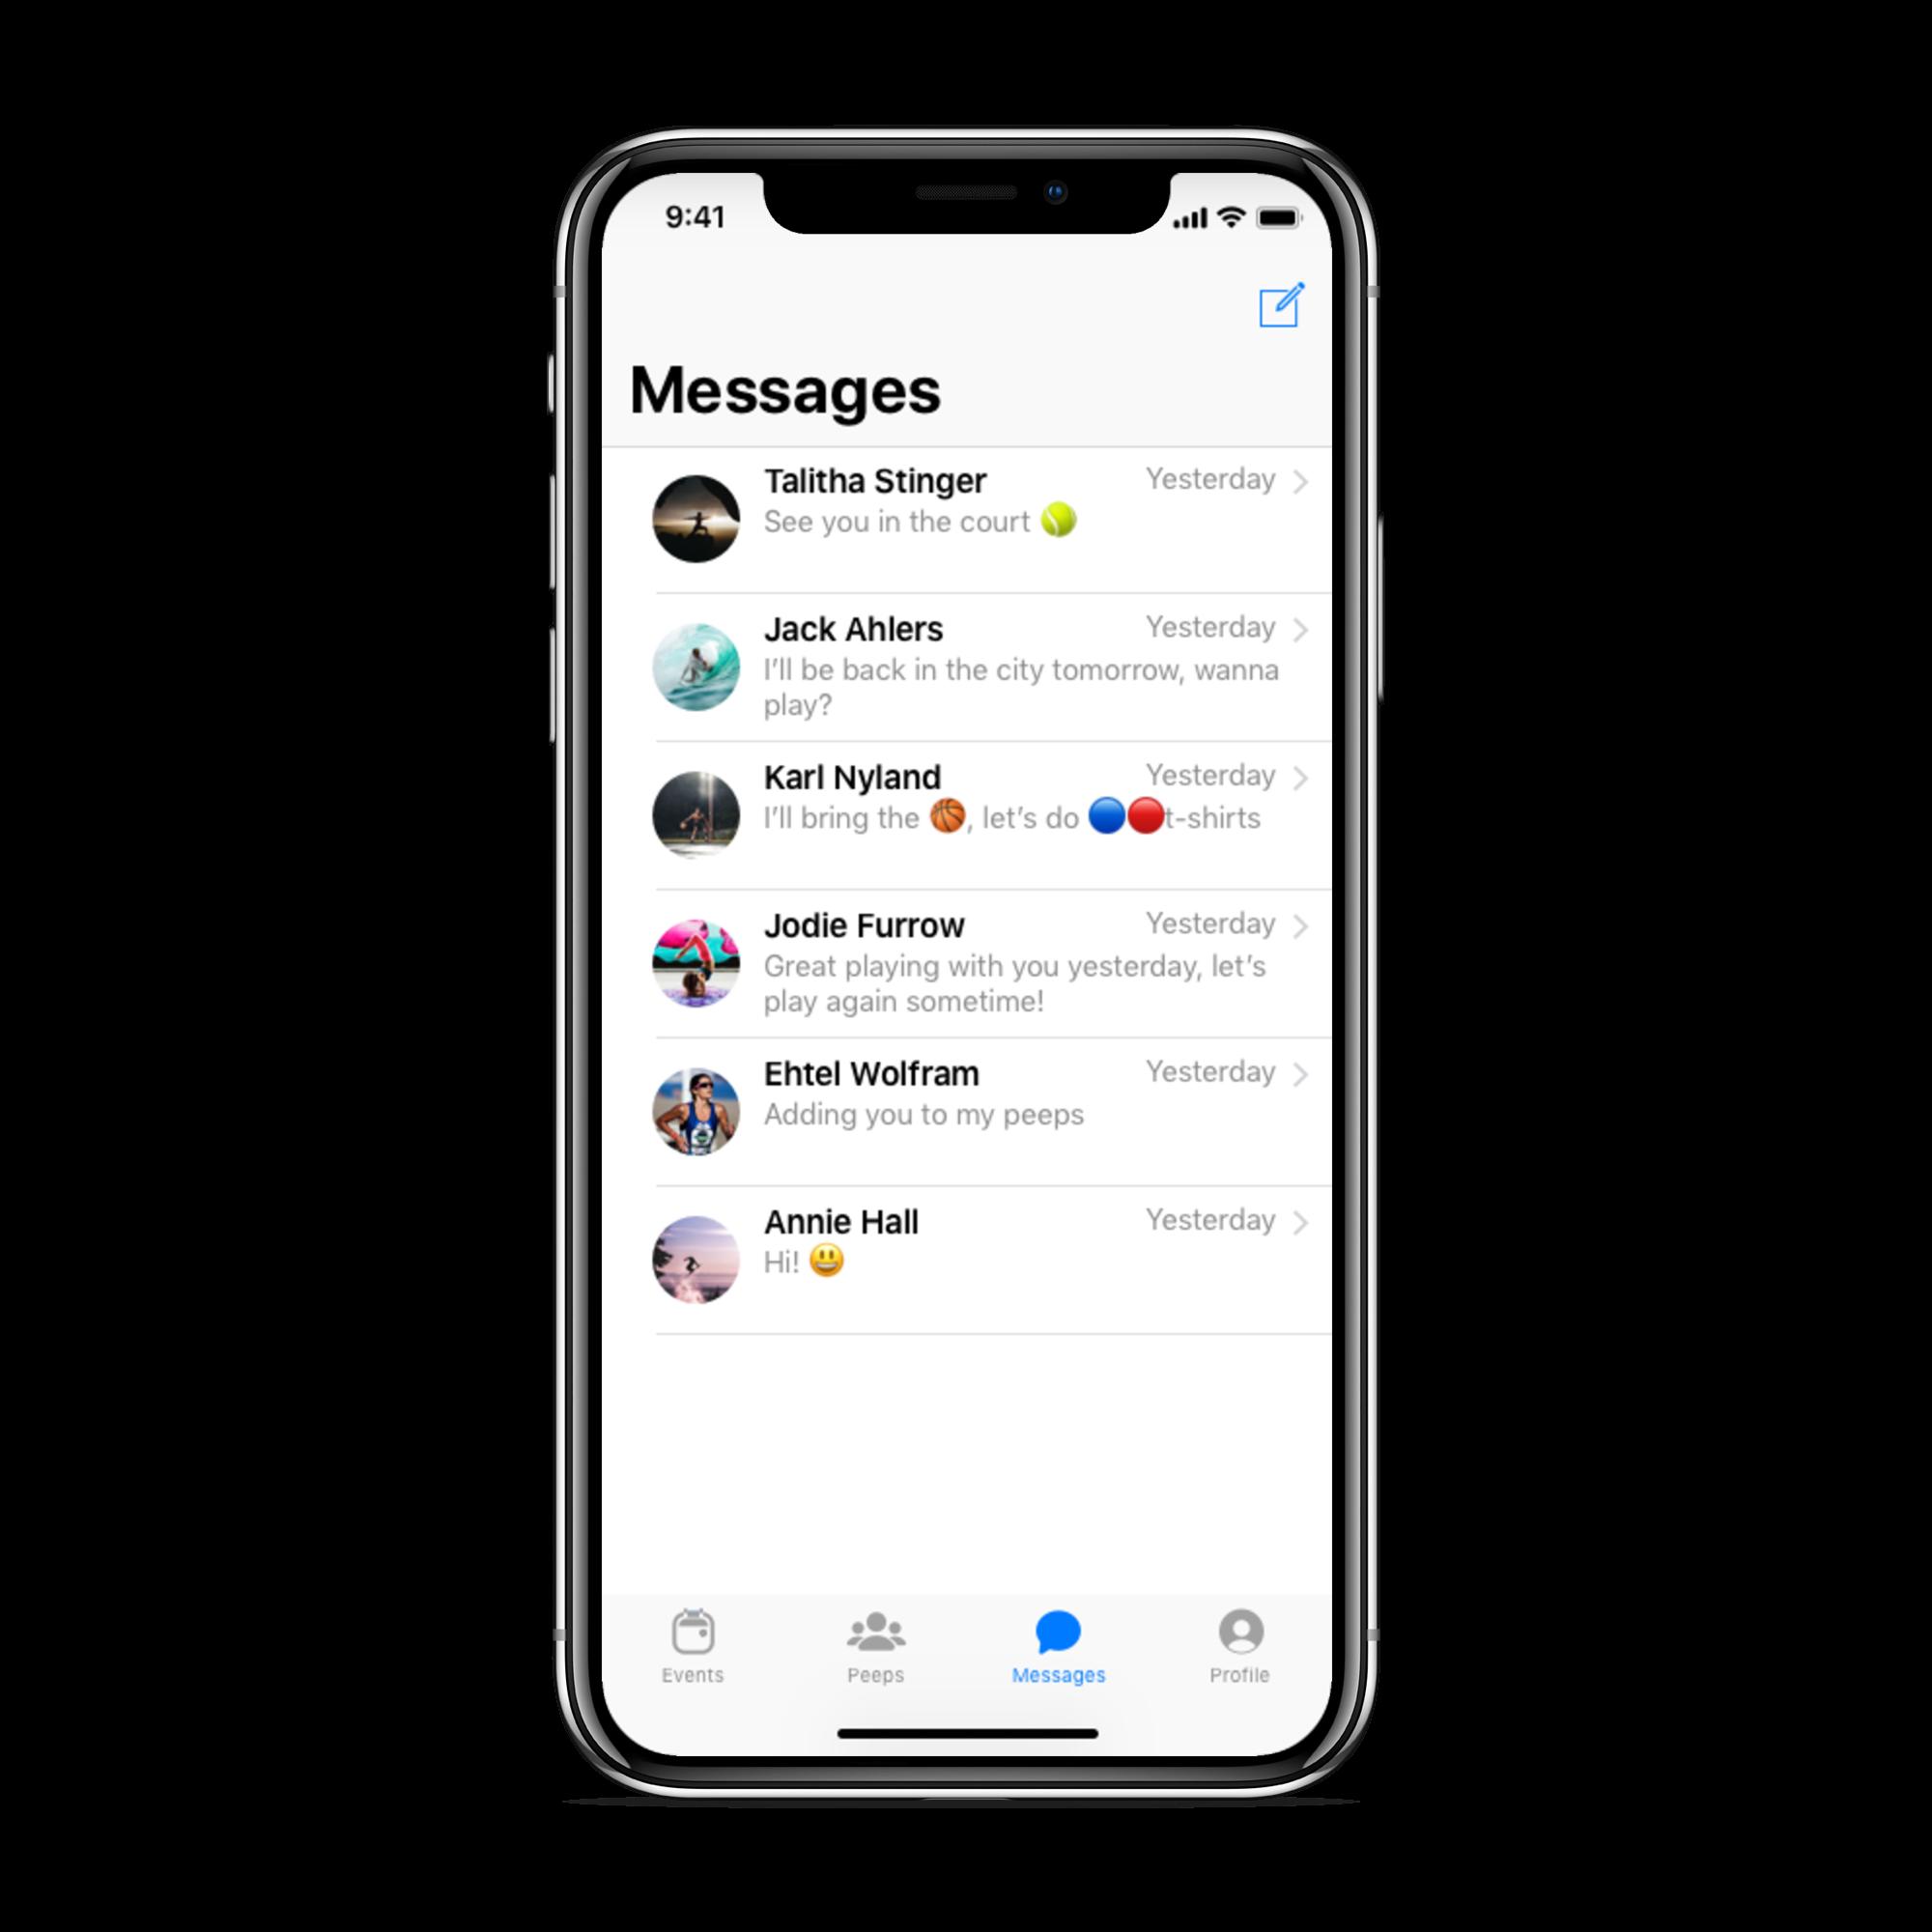 ios - messages_iphonexspacegrey_portrait.png